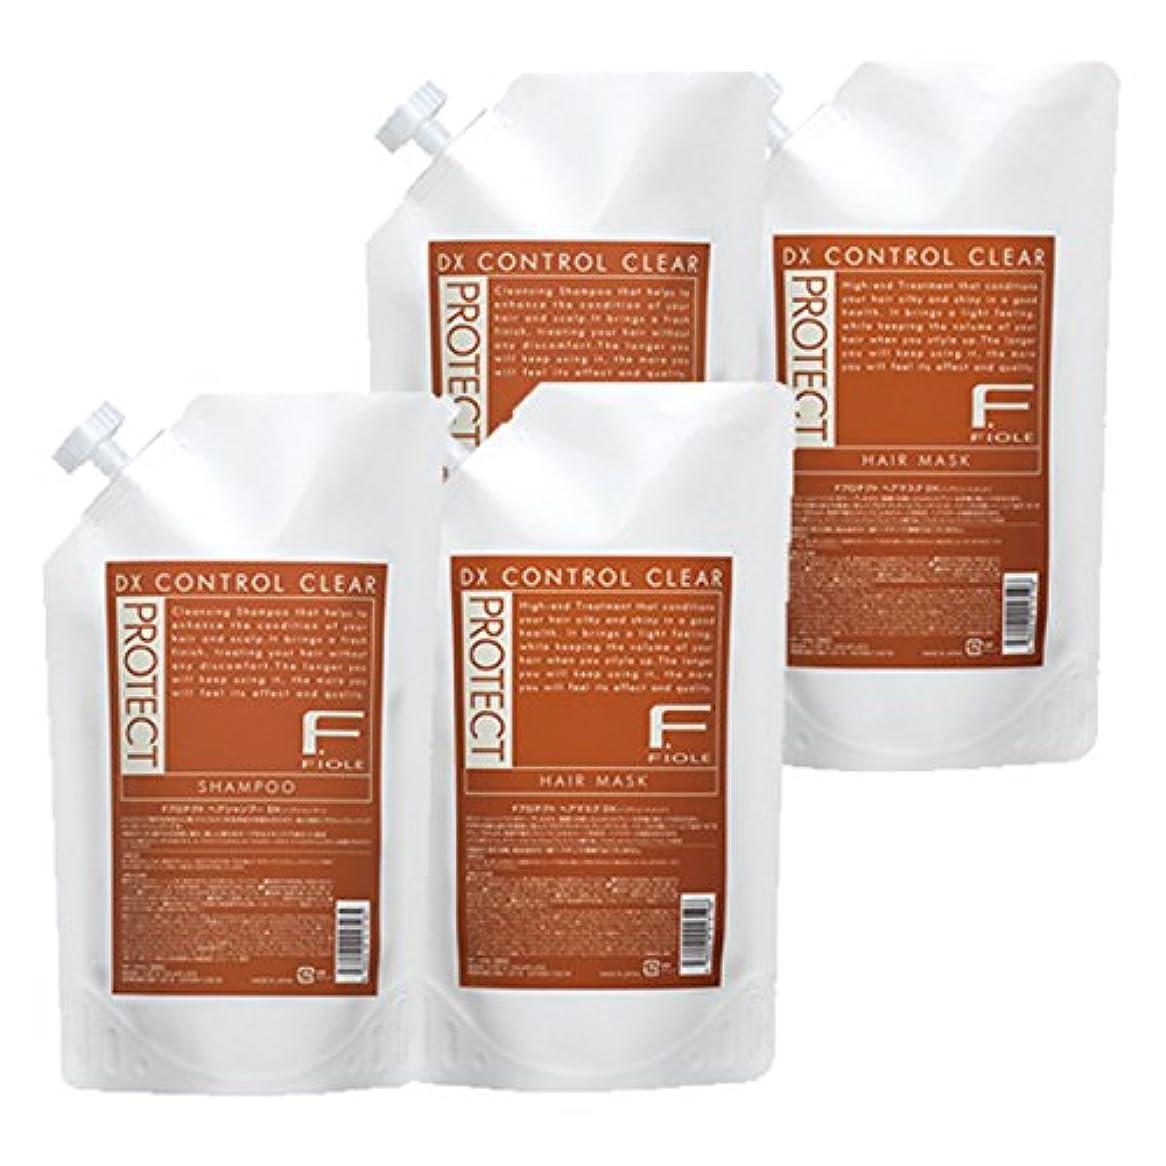 床を掃除するチャップ退屈フィヨーレ Fプロテクト DXタイプ シャンプー 1000mL×2 + ヘアマスク 1000g×2 セット 詰め替え fiole